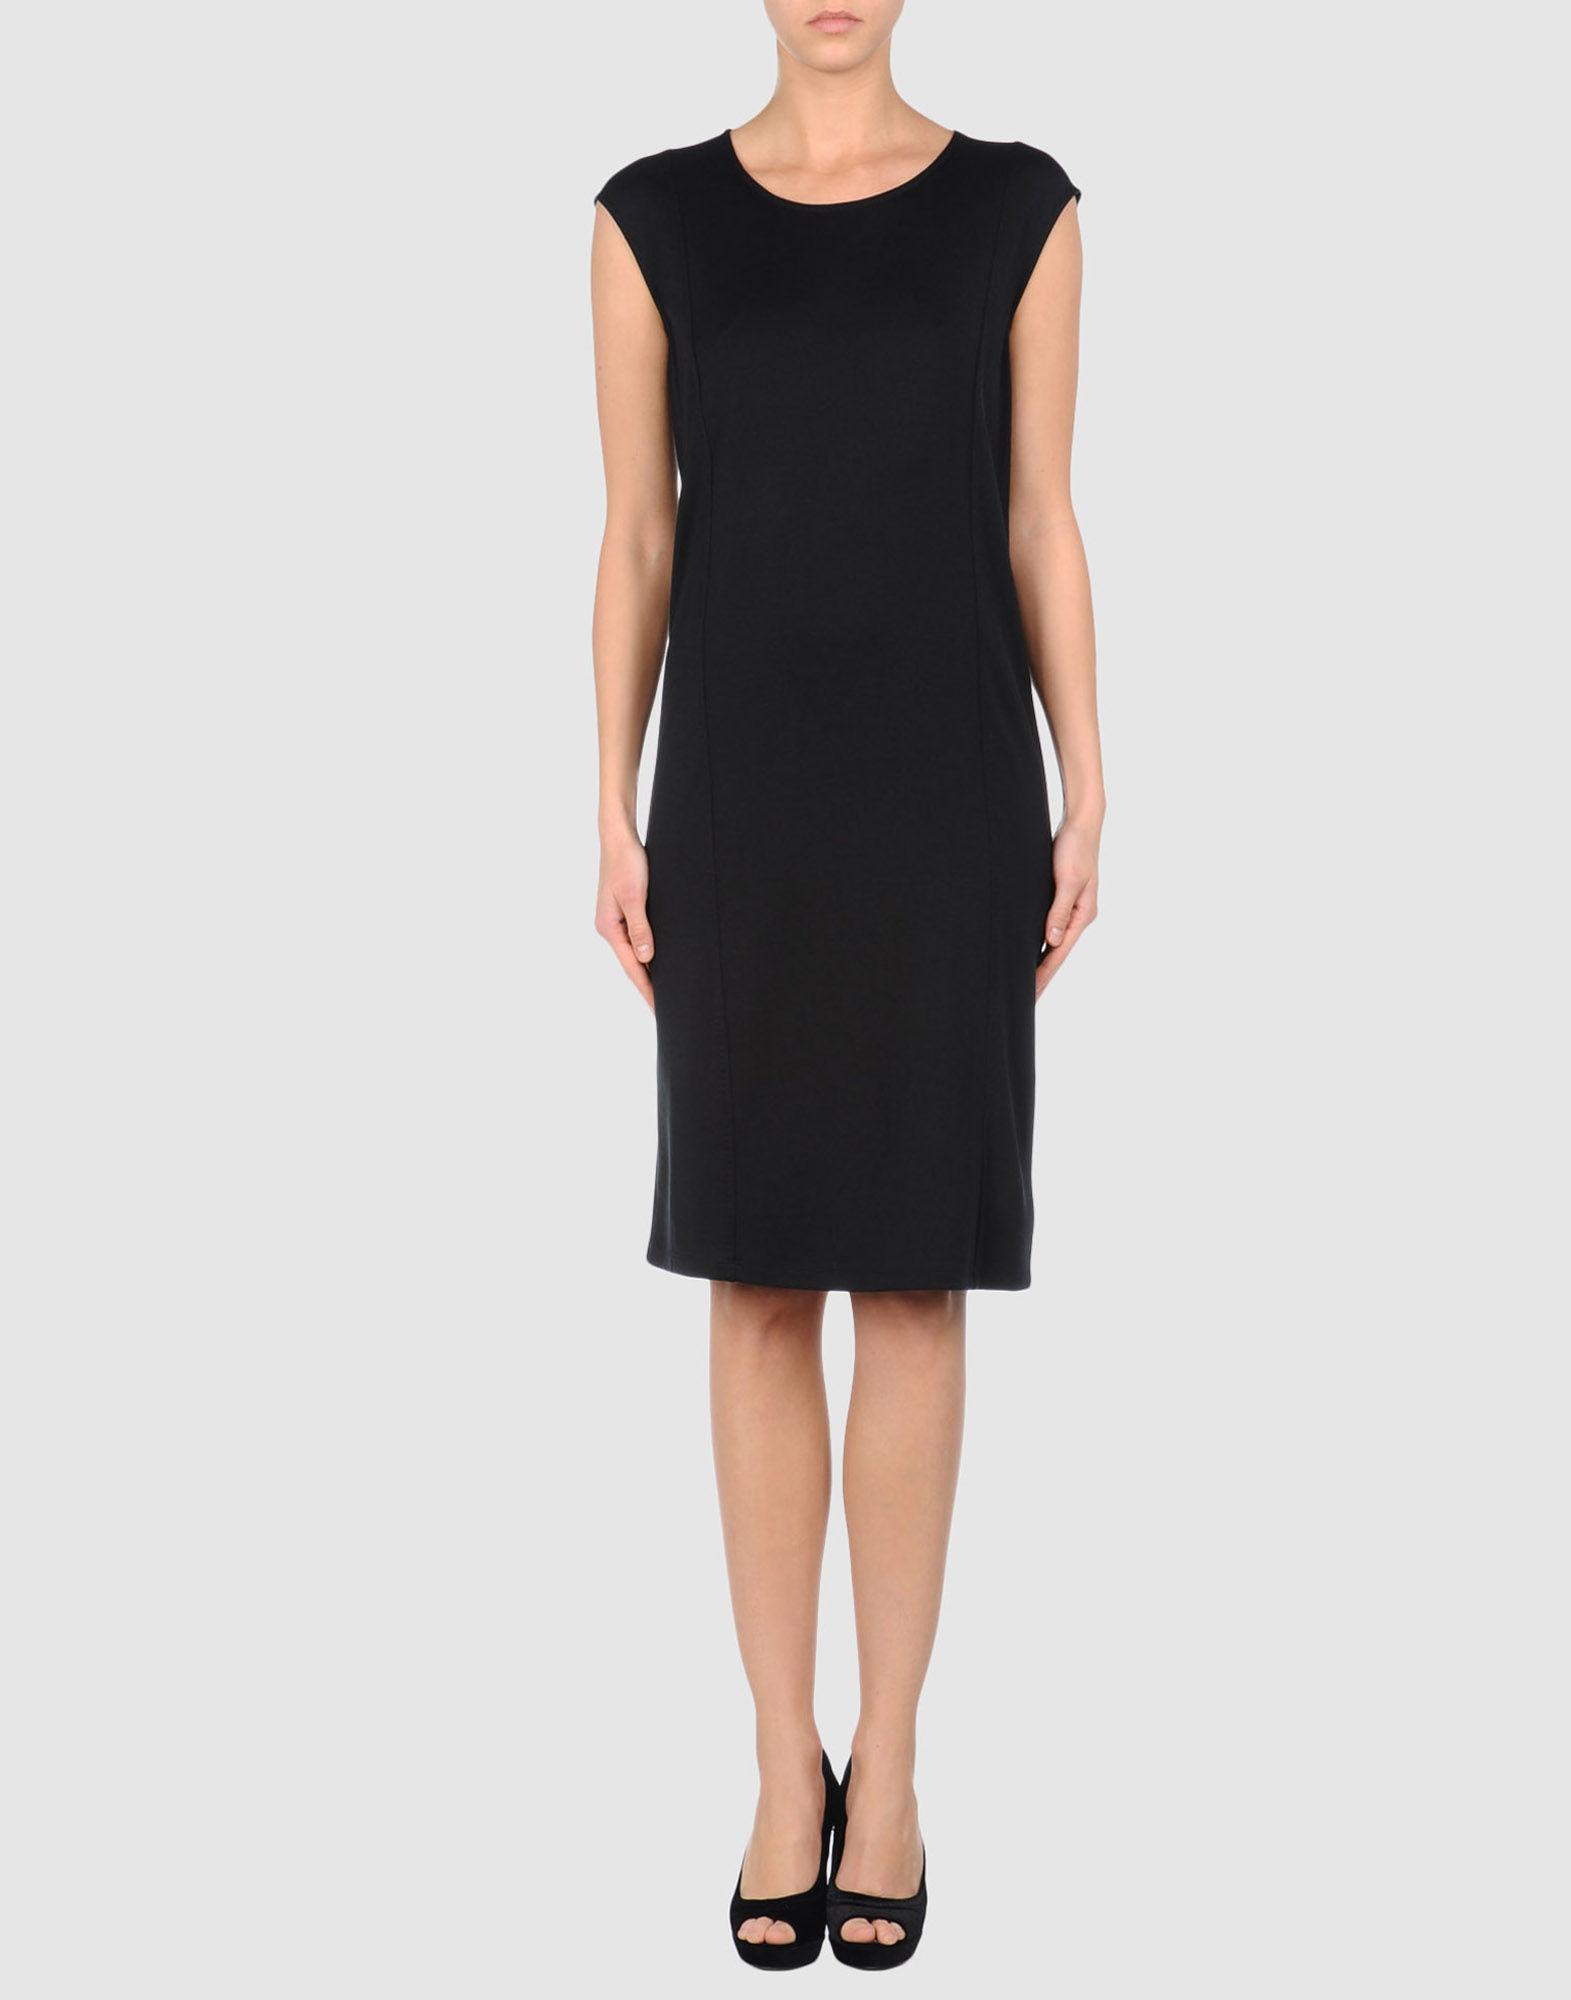 weekend by maxmara weekend max mara short dresses in black. Black Bedroom Furniture Sets. Home Design Ideas